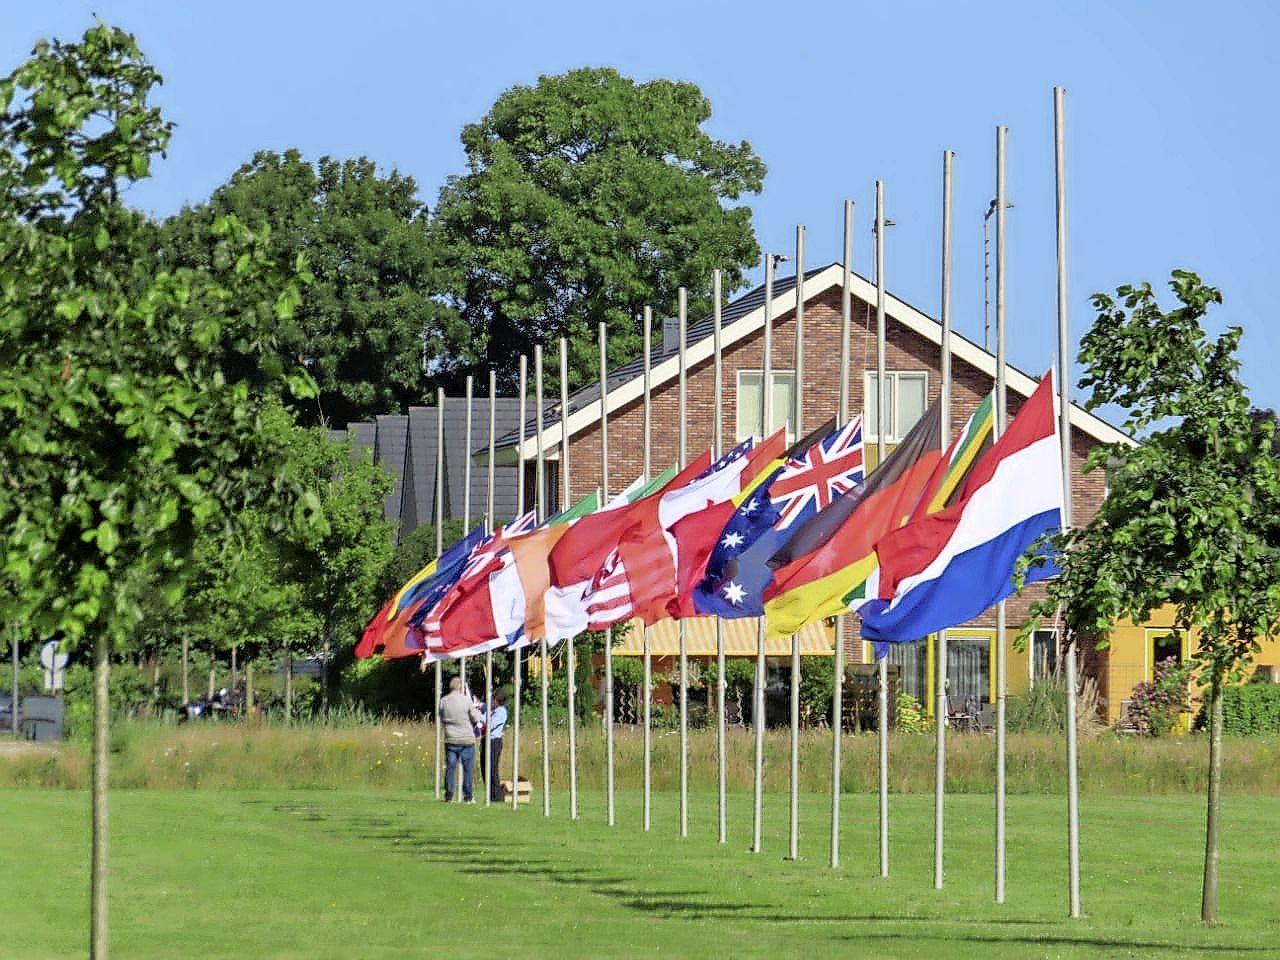 Zeventien vlaggen halfstok bij Nationaal Monument MH17 in Vijfhuizen